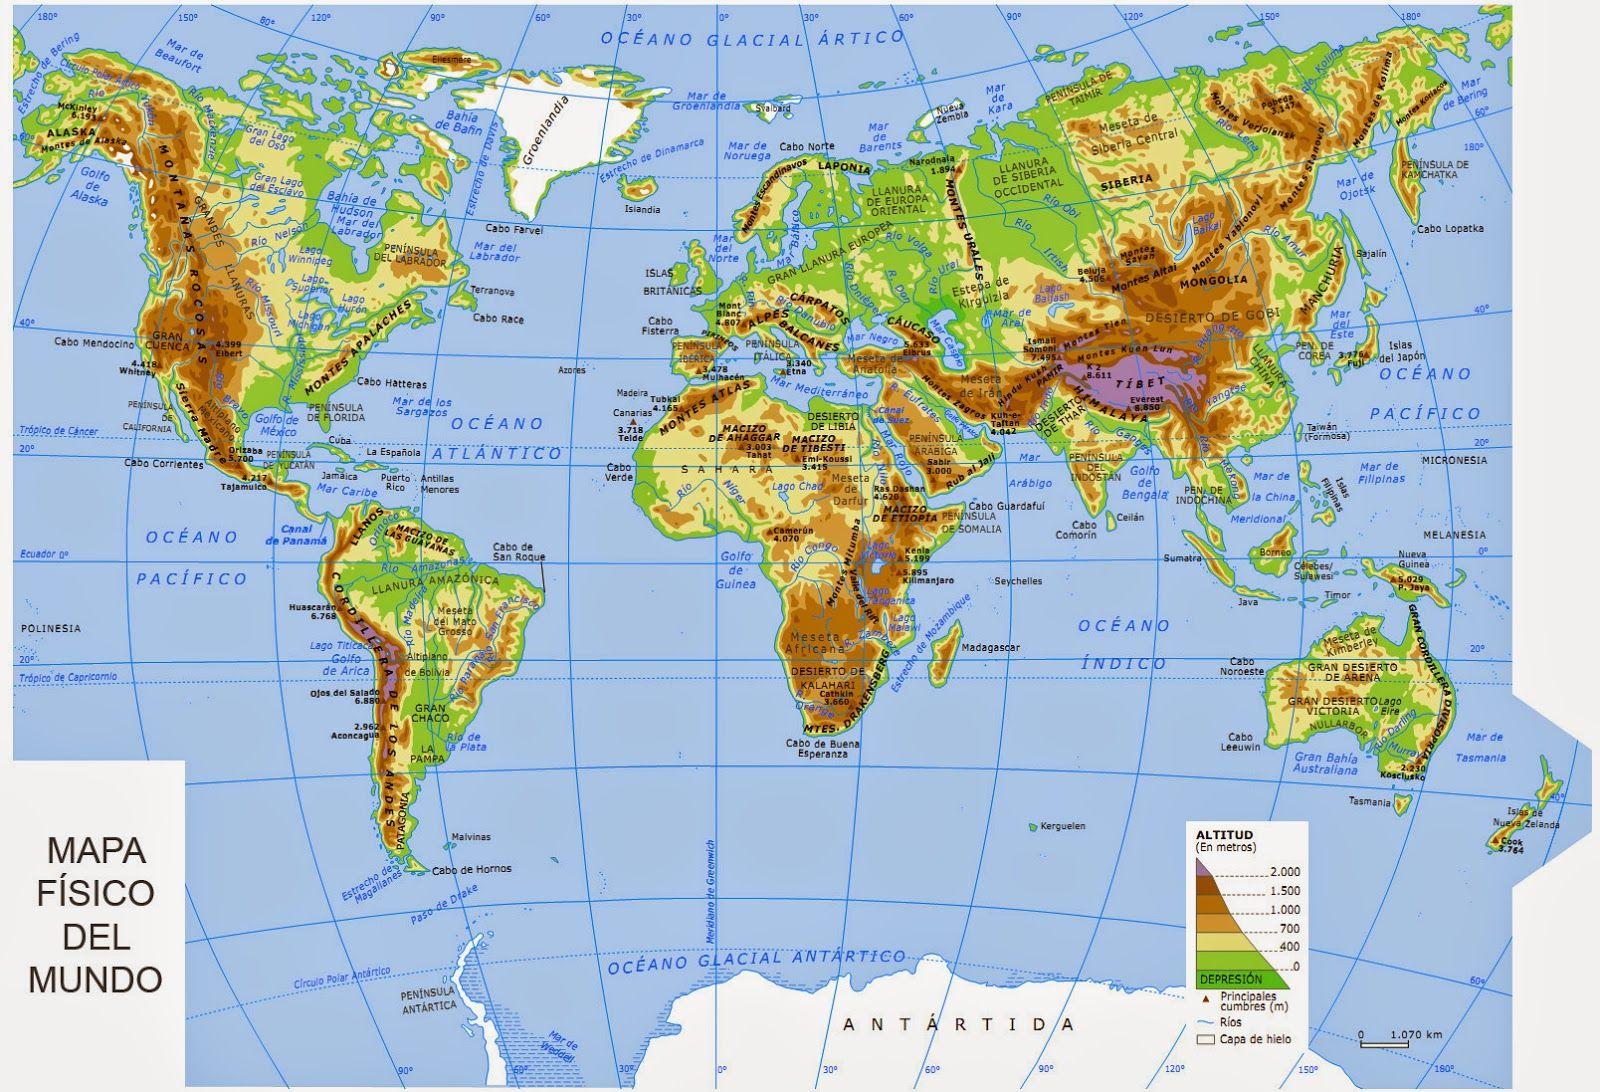 Mapa Fisic Del Mon Mapas Del Mundo Mapas Imagenes De Mapas